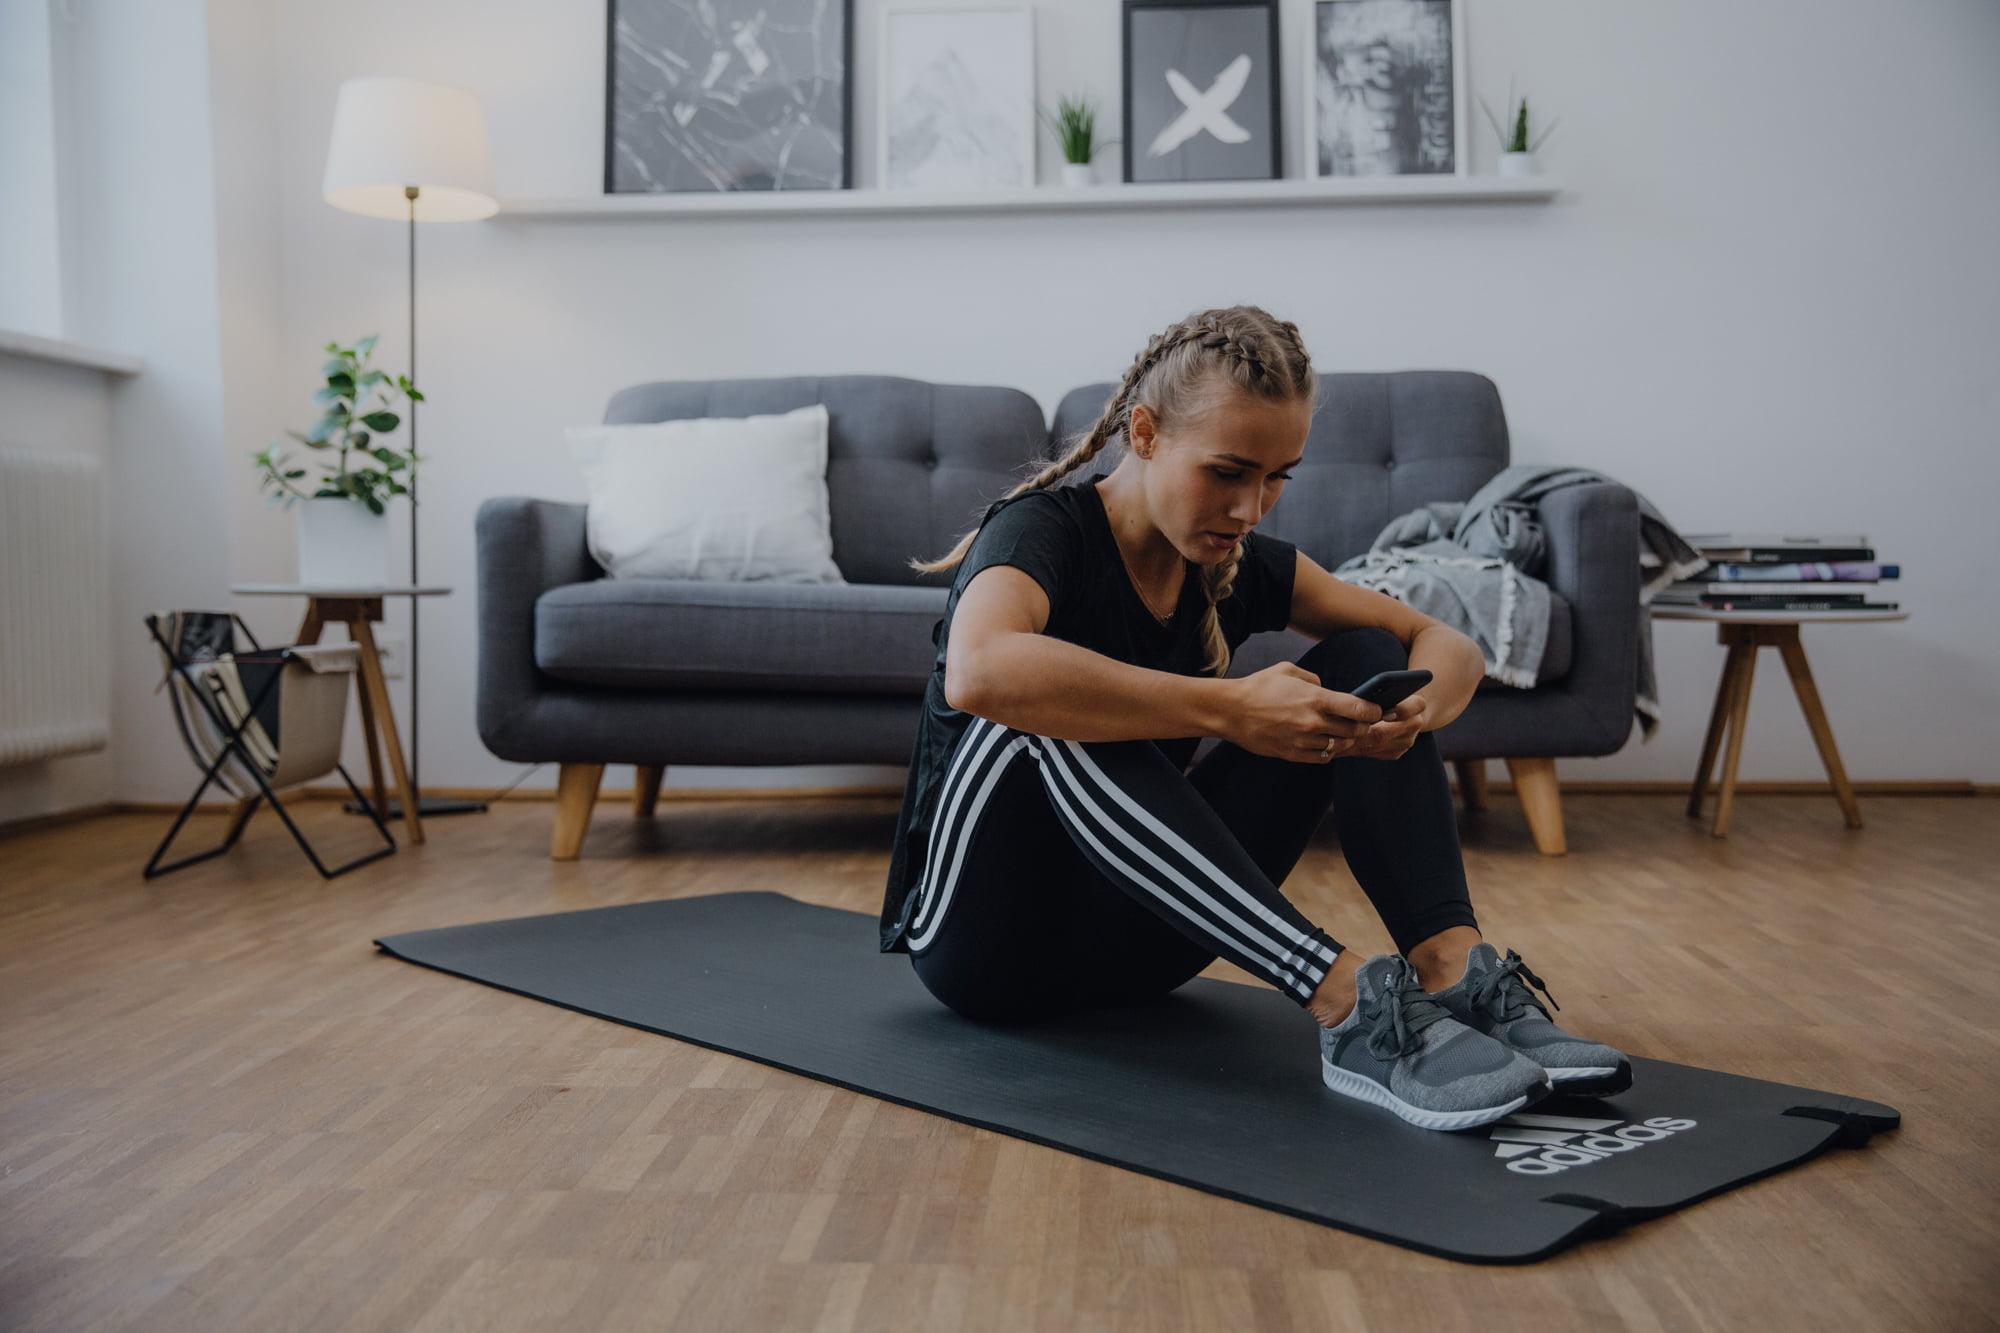 Adidas offre un accès gratuit à son application